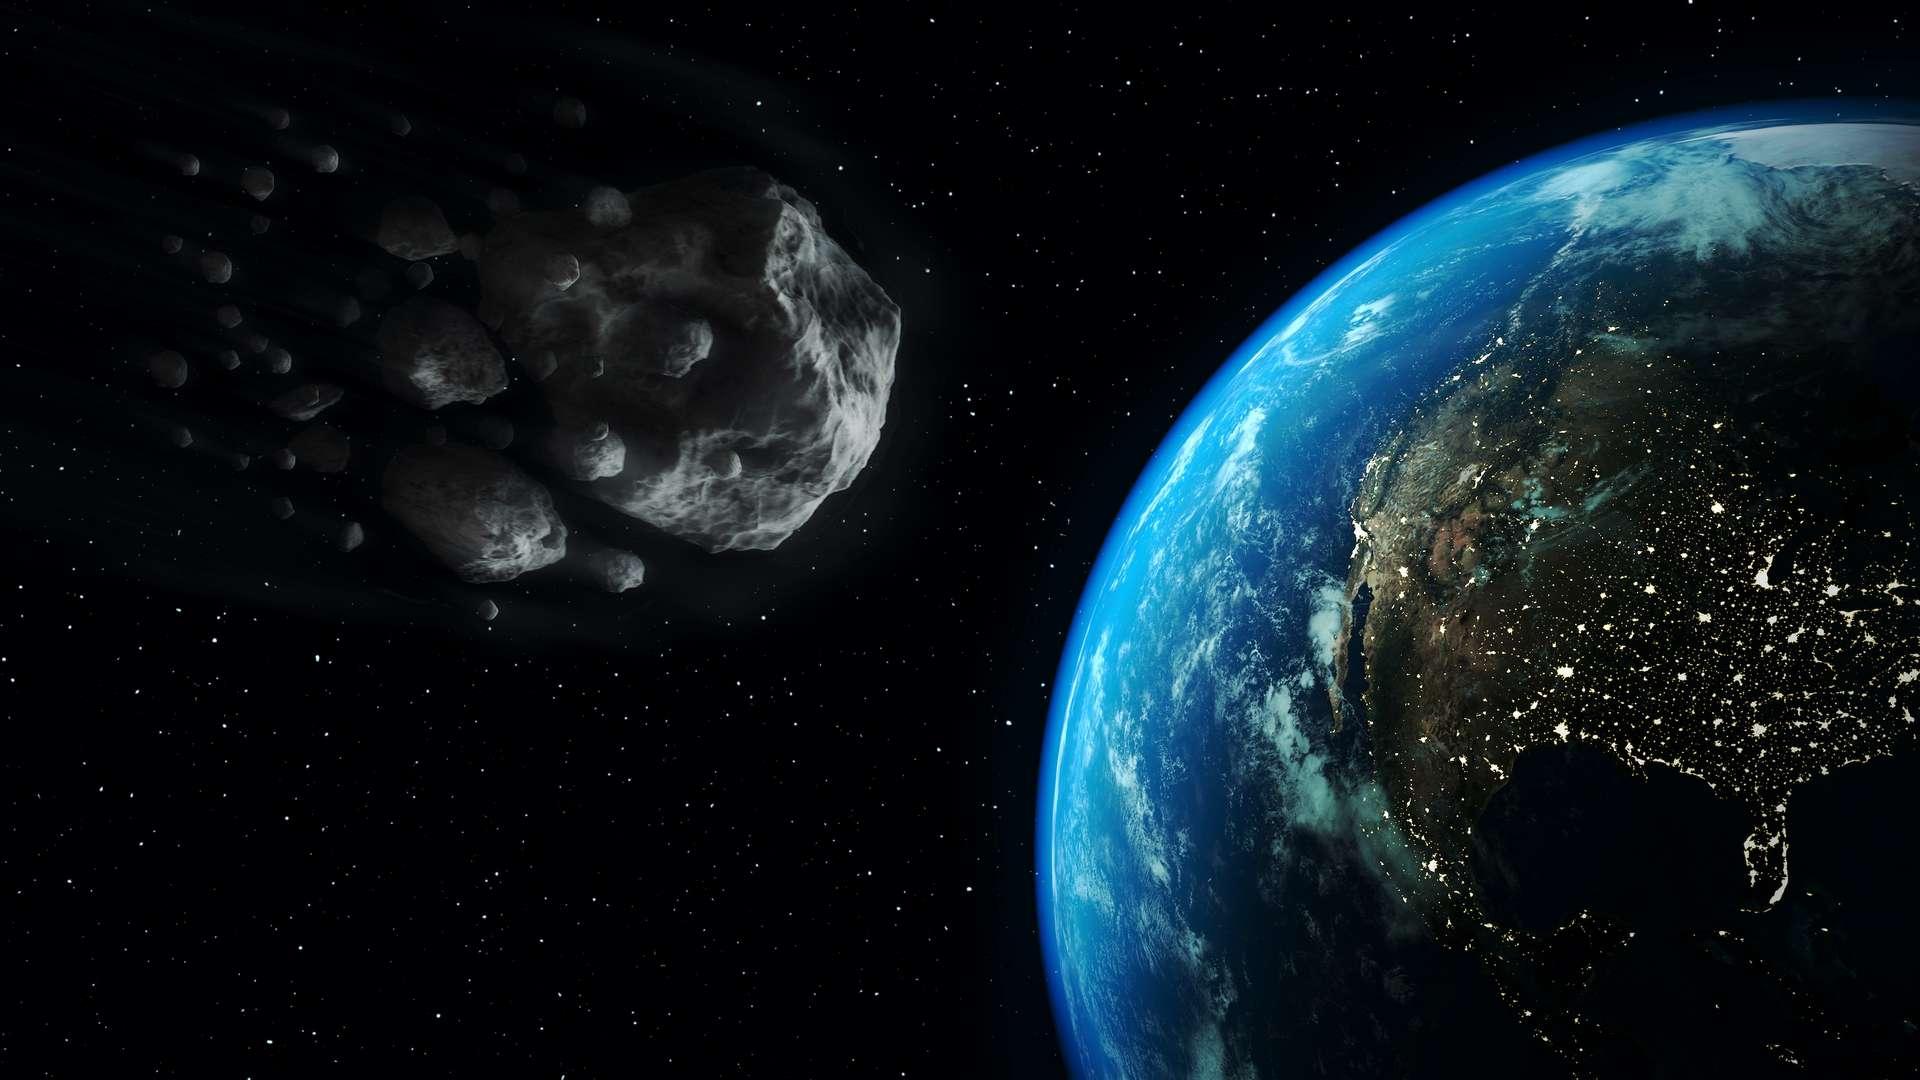 Illustration d'un astéroïde géocroiseur passant dans le voisinage de la Terre. © Marcos Silva, Adobe Stock